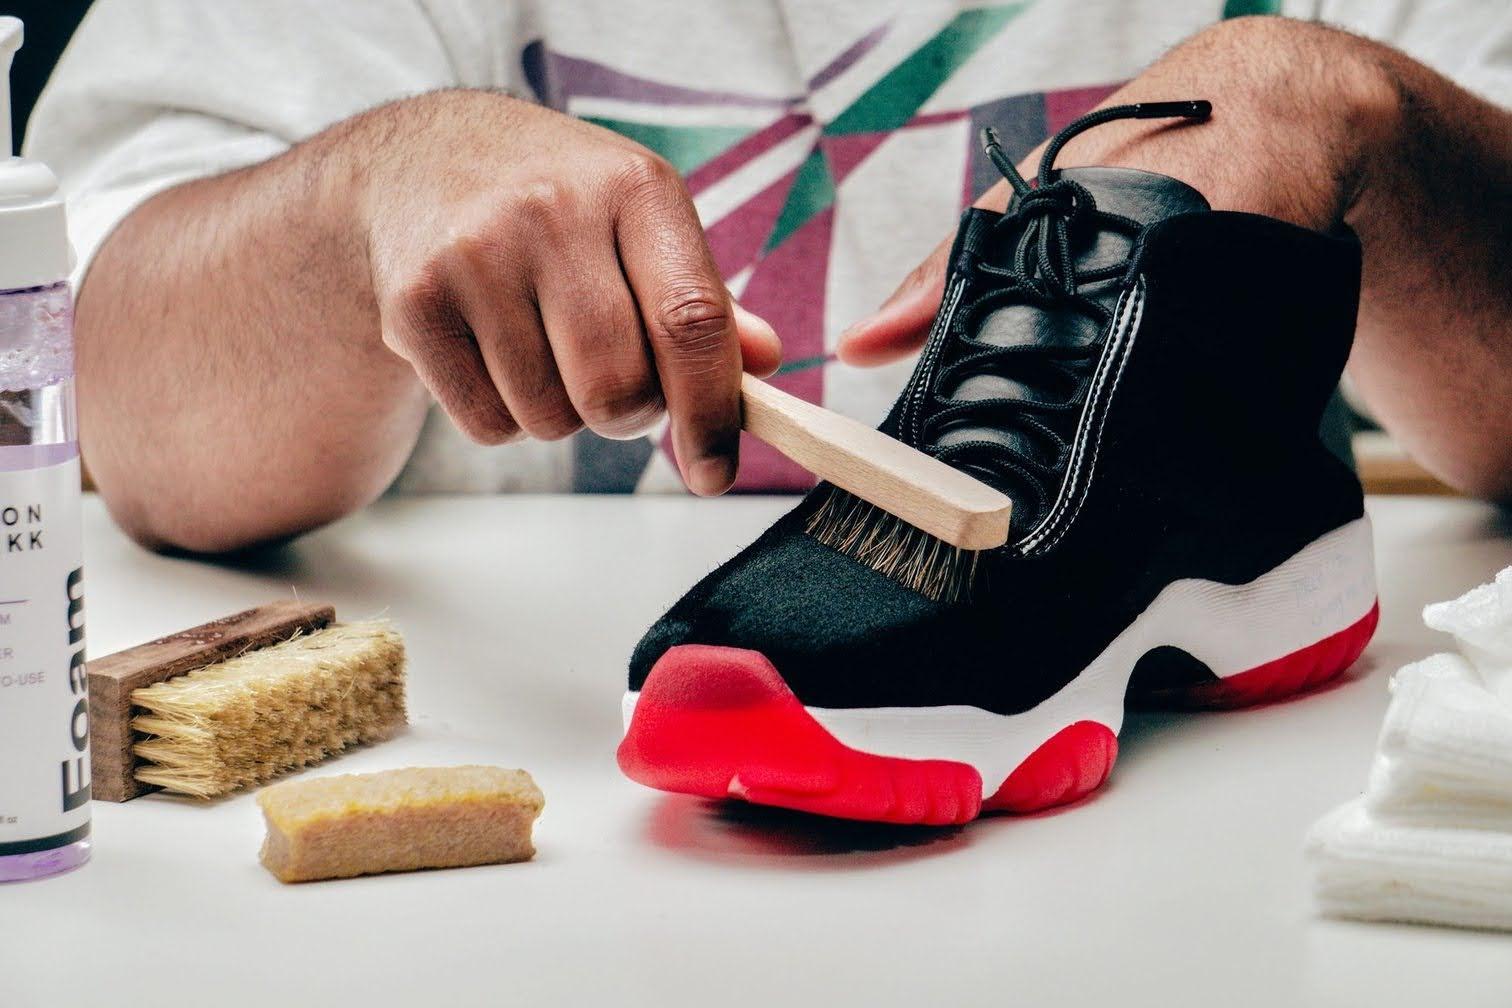 スニーカー シューズブラシ 靴洗い 専用 おすすめ 人気 laundry-detergent-for-sneakers